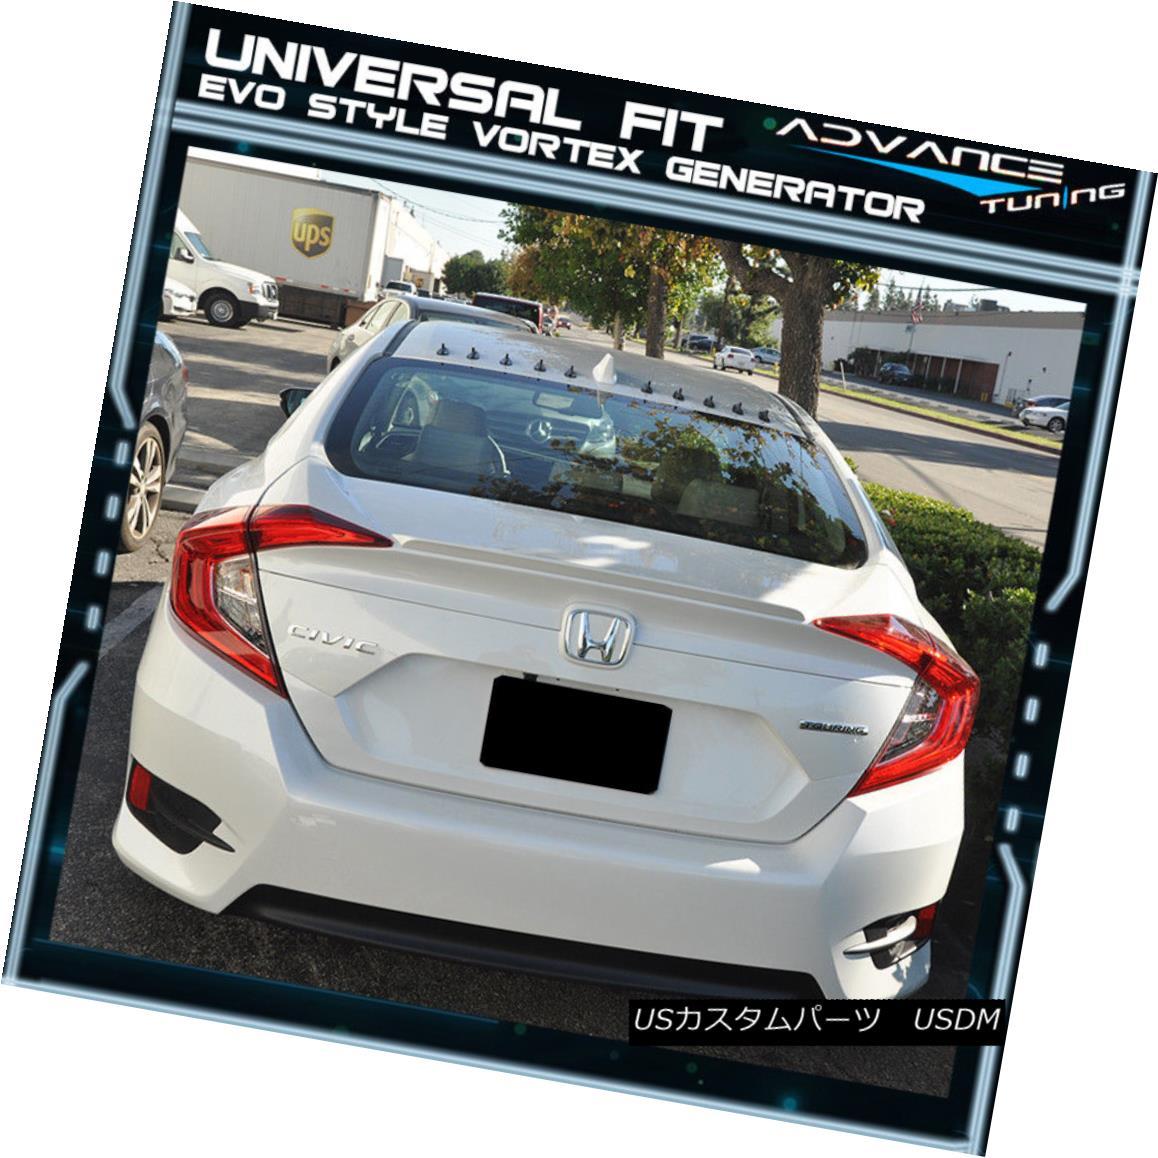 Intake Manifold Gasket Set Fits 04-10 Lexus Toyota Camry ES330 3.3L V6 DOHC 24v